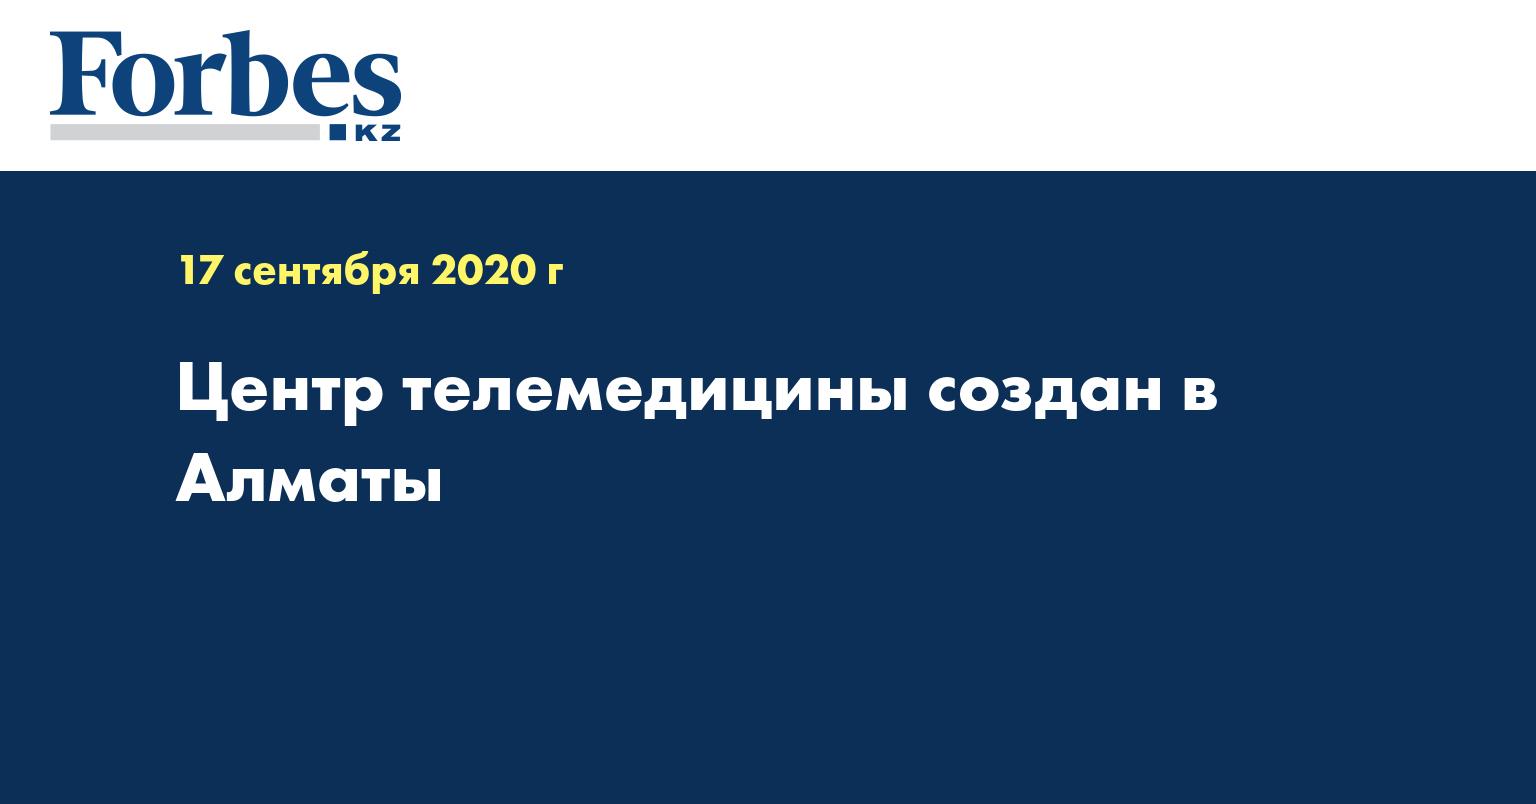 Центр телемедицины создан в Алматы